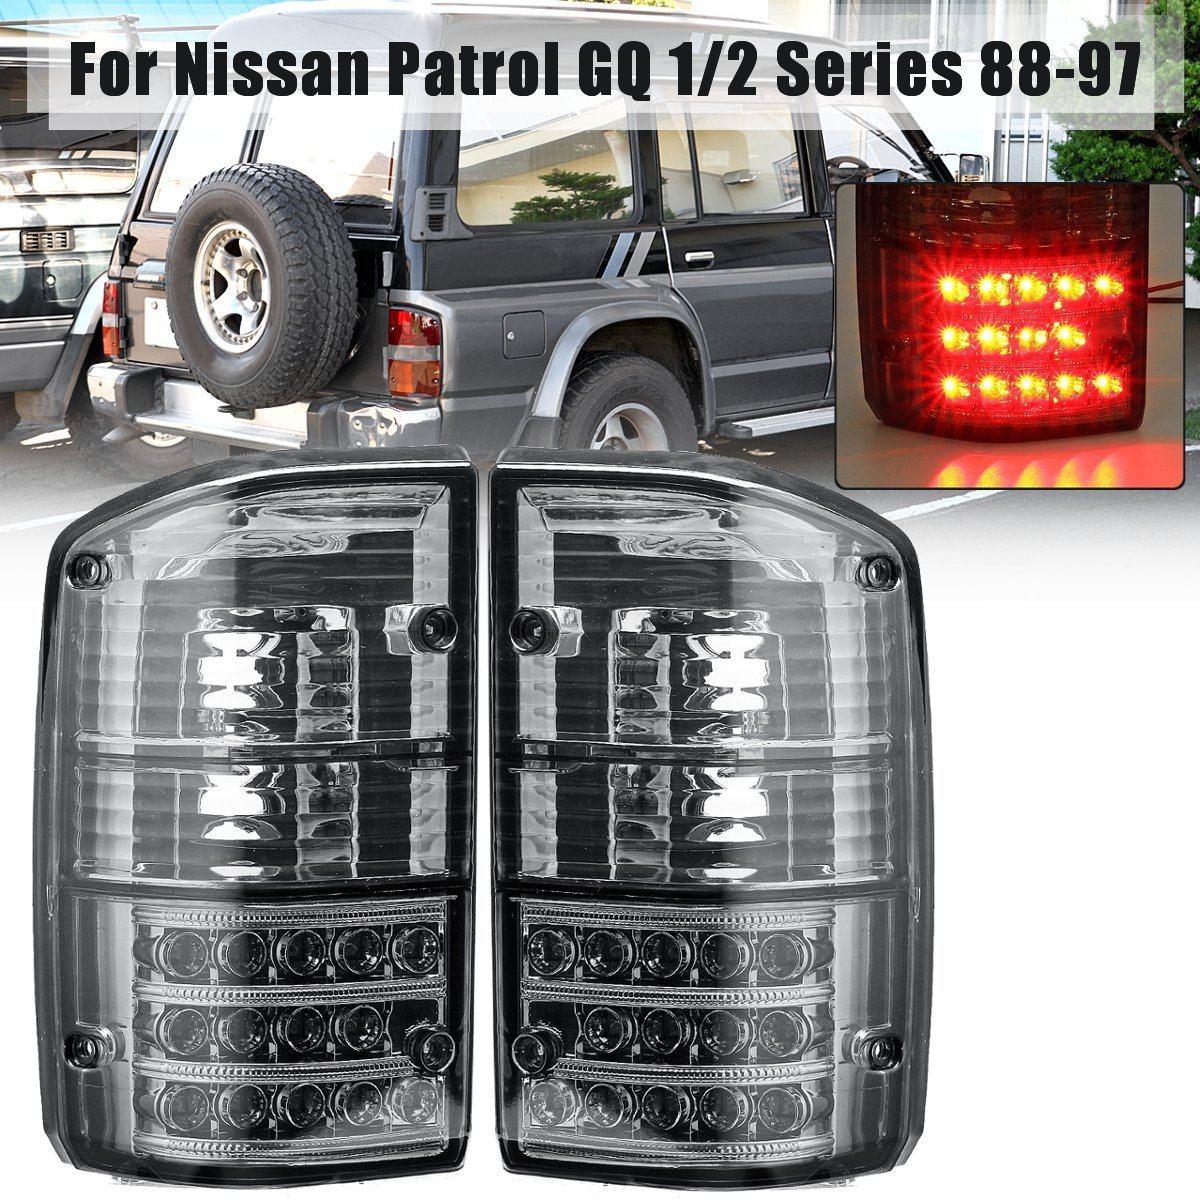 Pour Nissan Patrol GQ 1/2 Série 1988 1989 1990 1991 1992 1993 1994 1995 1996 1997 Paire Arrière feu stop Lampe Lampe De Queue